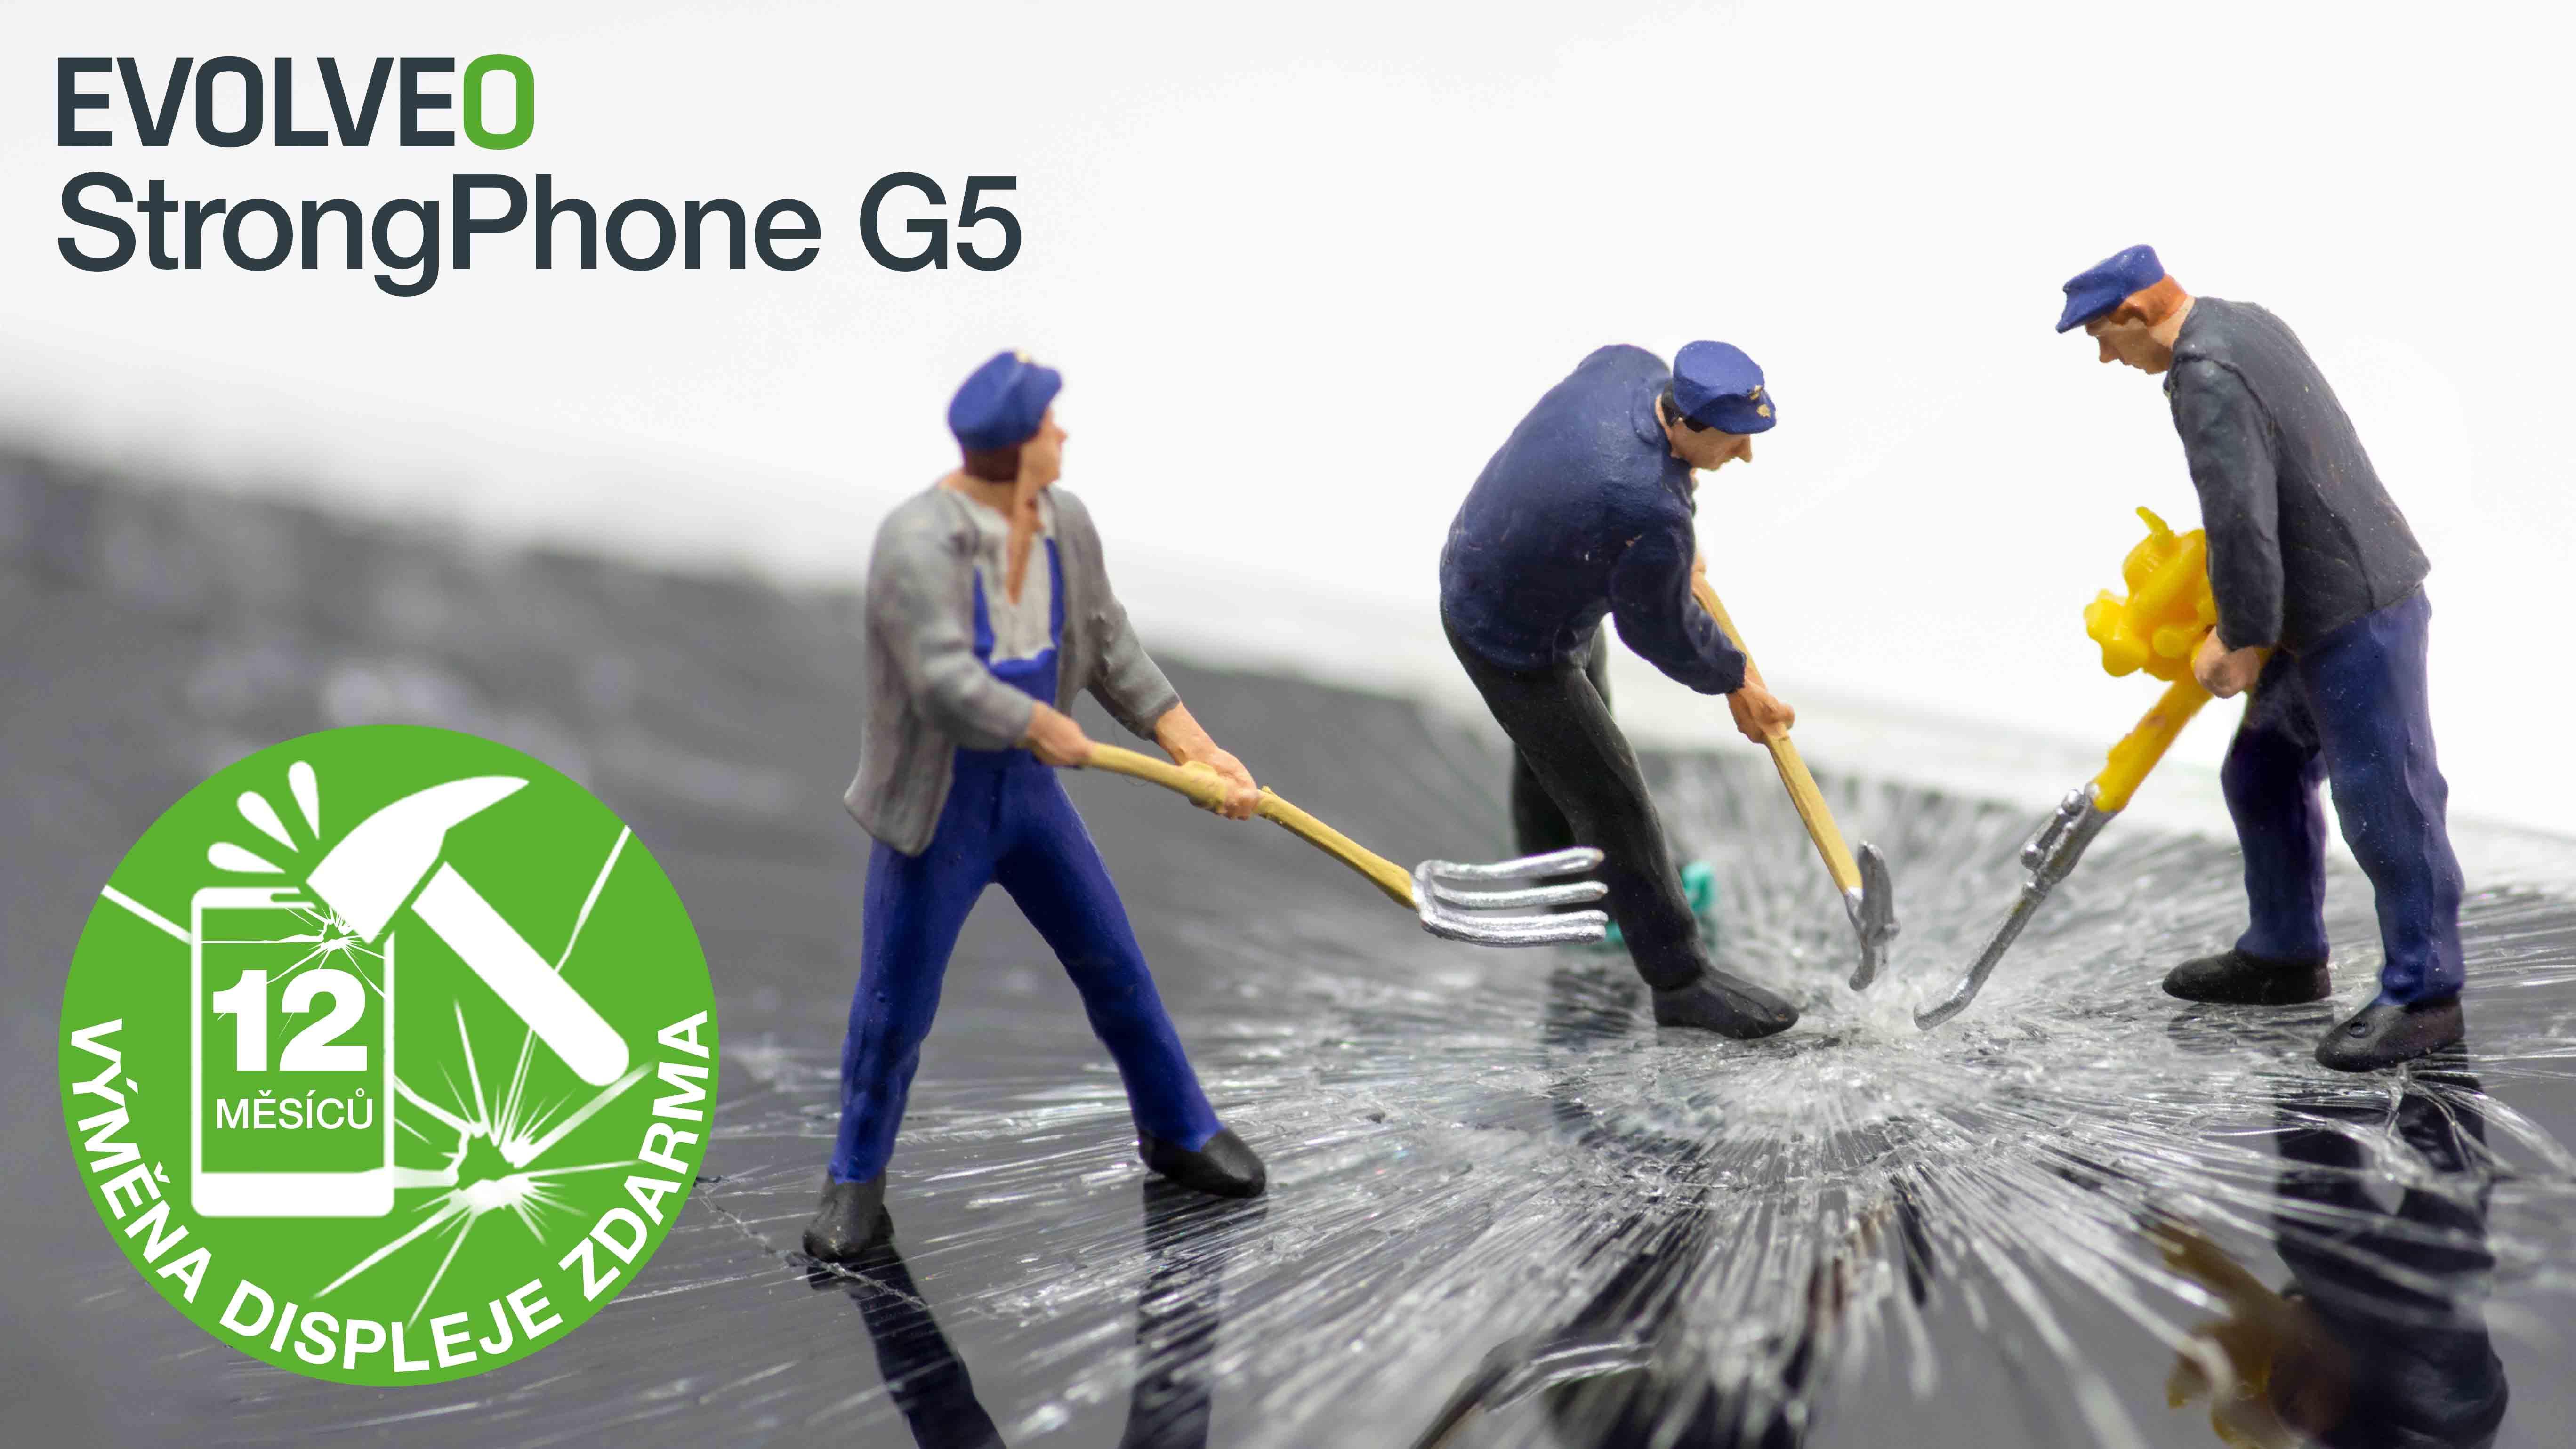 Výměna displeje u odolného telefonu EVOLVEO StrongPhone G5  zdarma